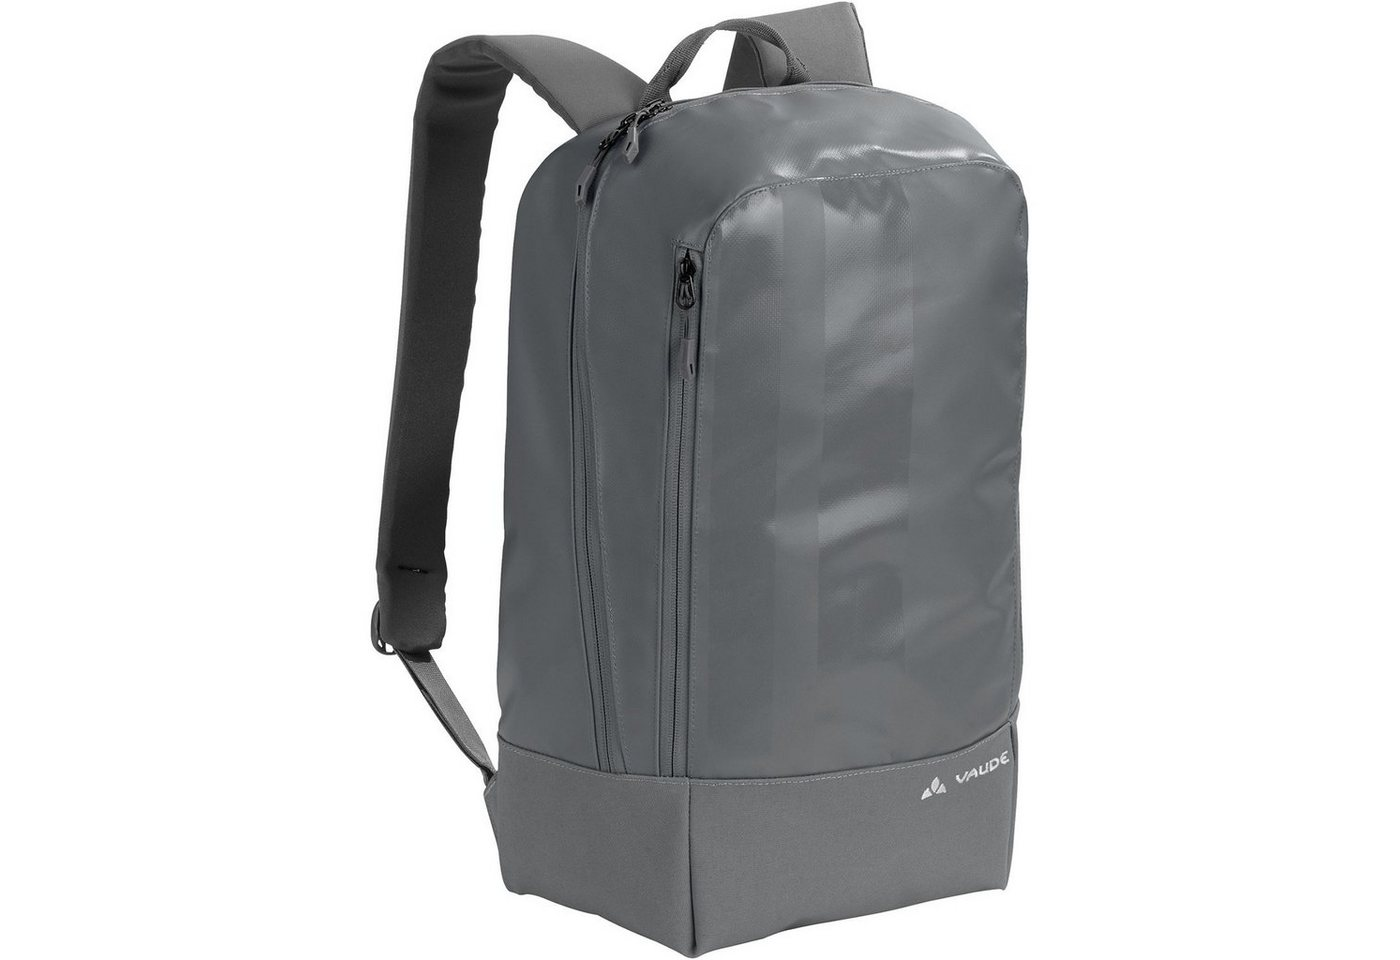 VAUDE Trek & Trail Nore Rucksack 43,5 cm Laptopfach Sale Angebote Drebkau